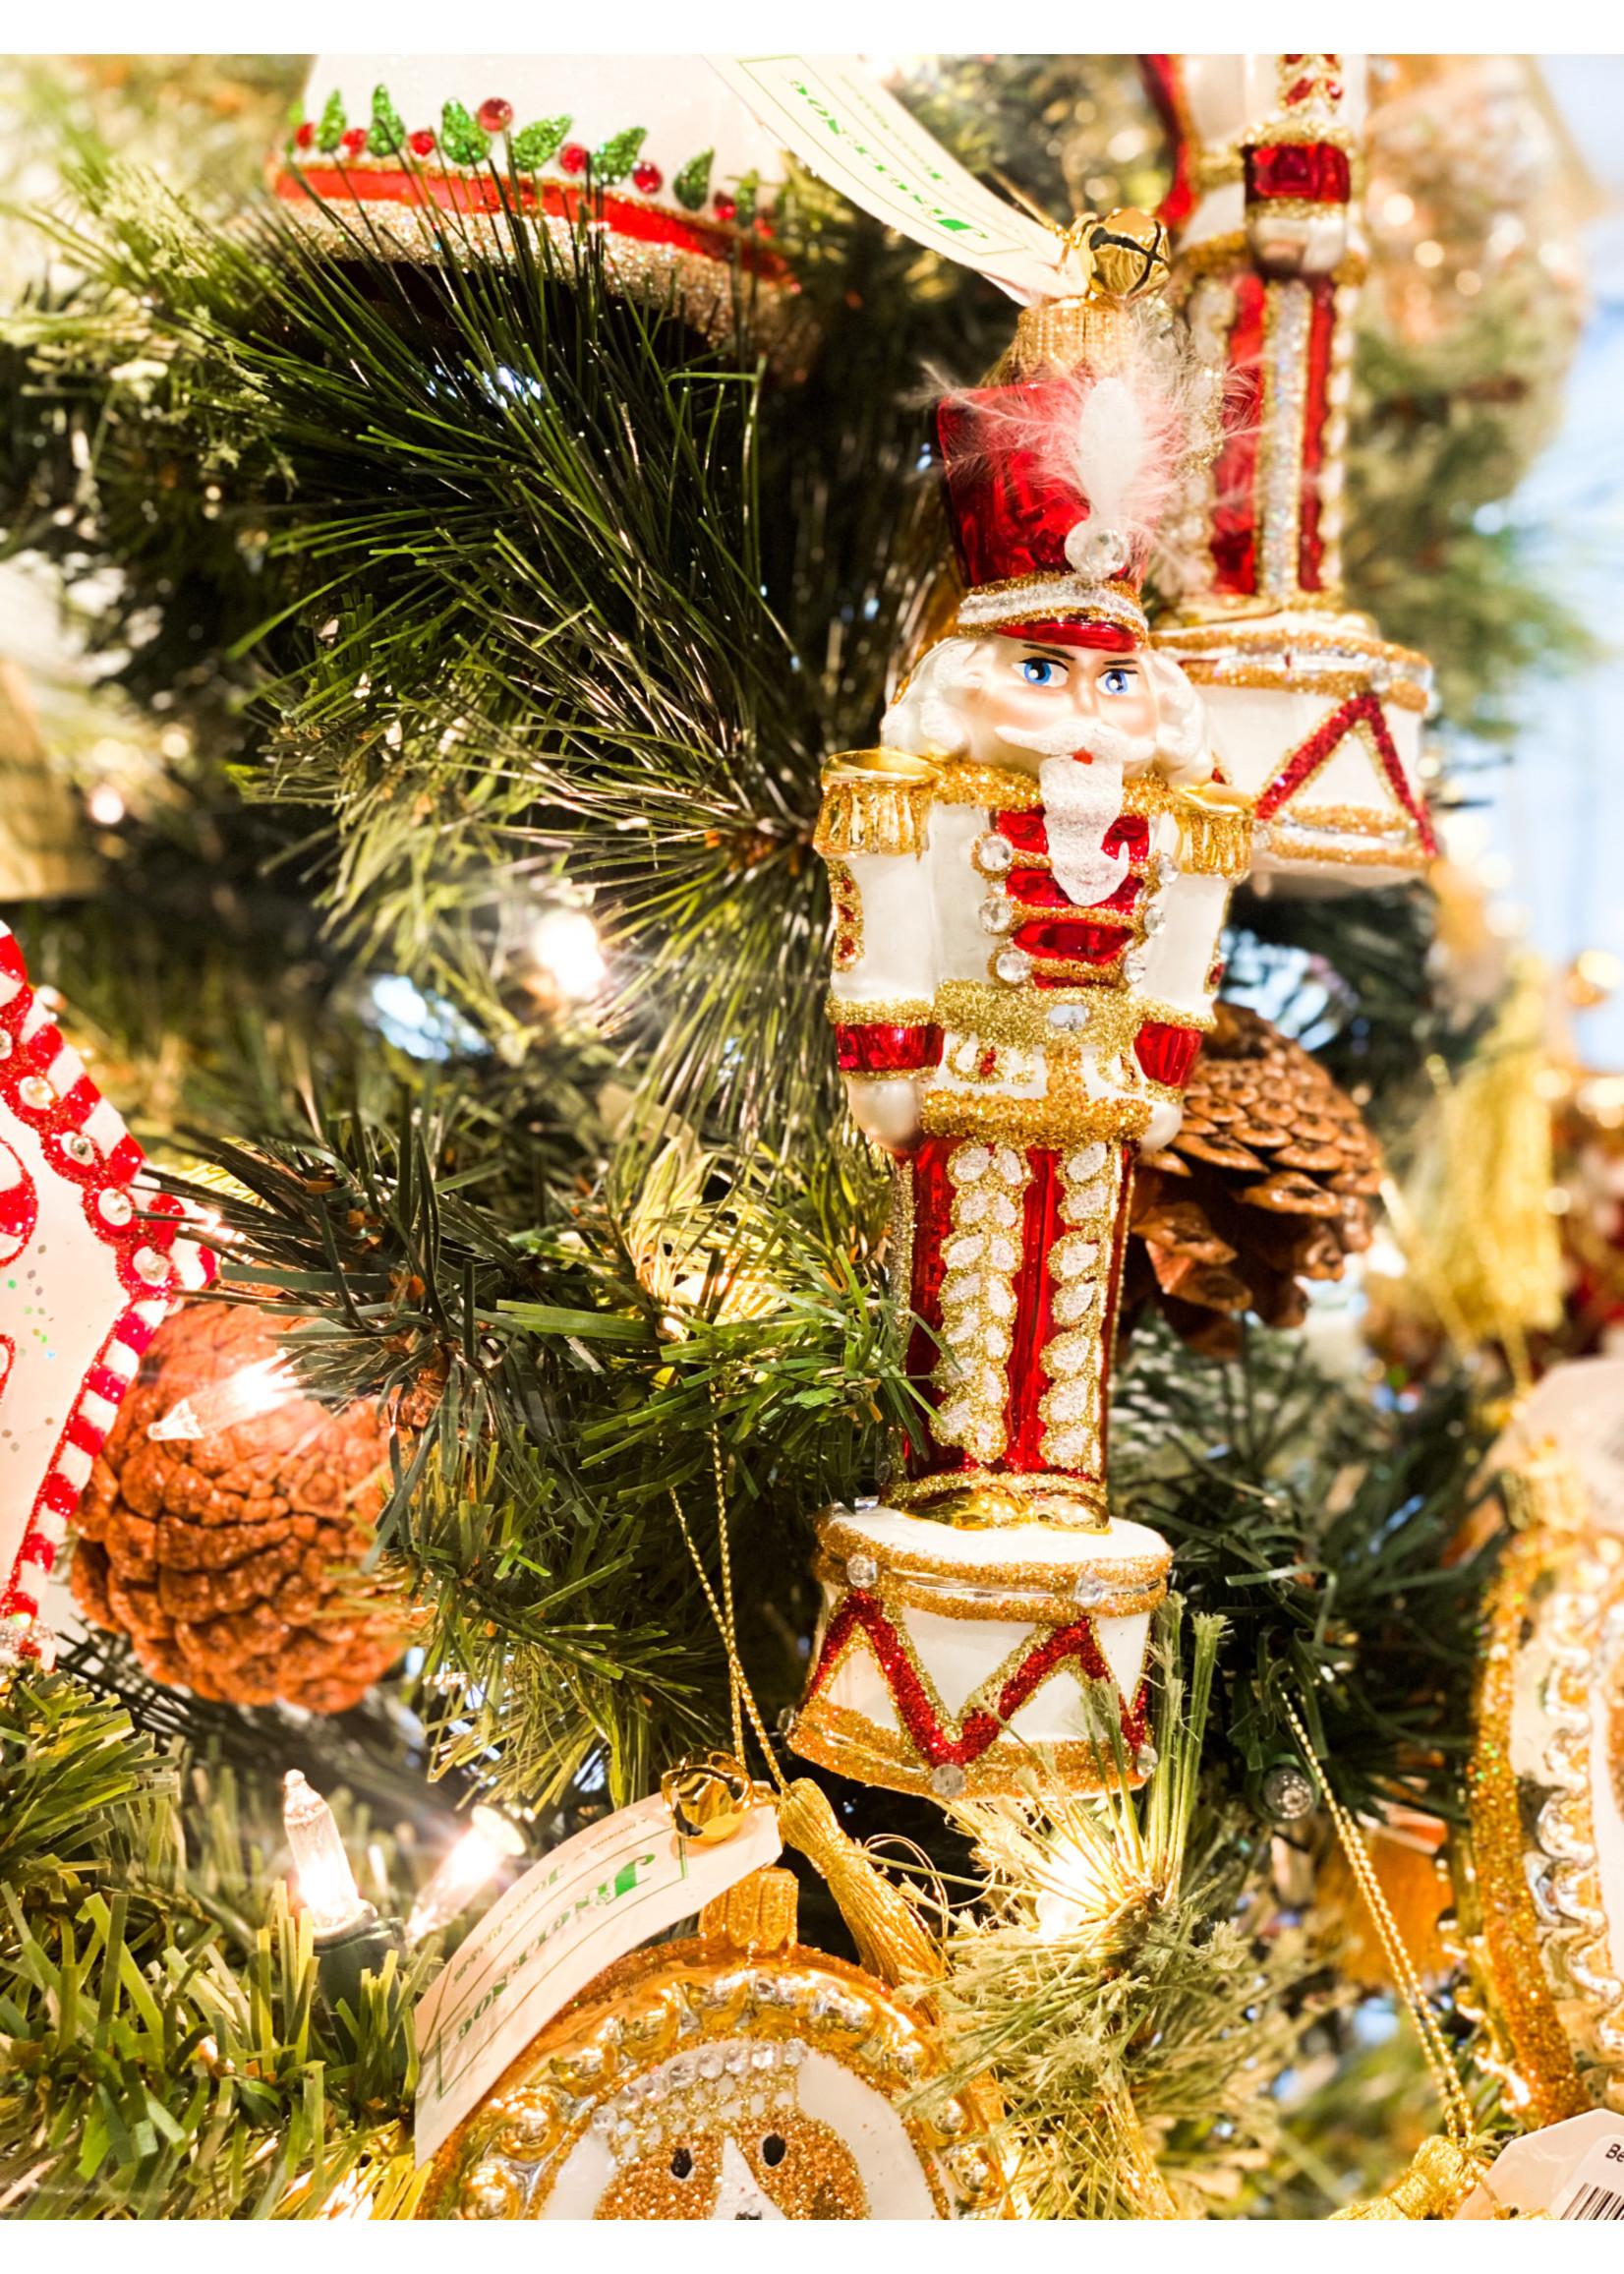 Jingle Nog Ornament - Karl von Cracka